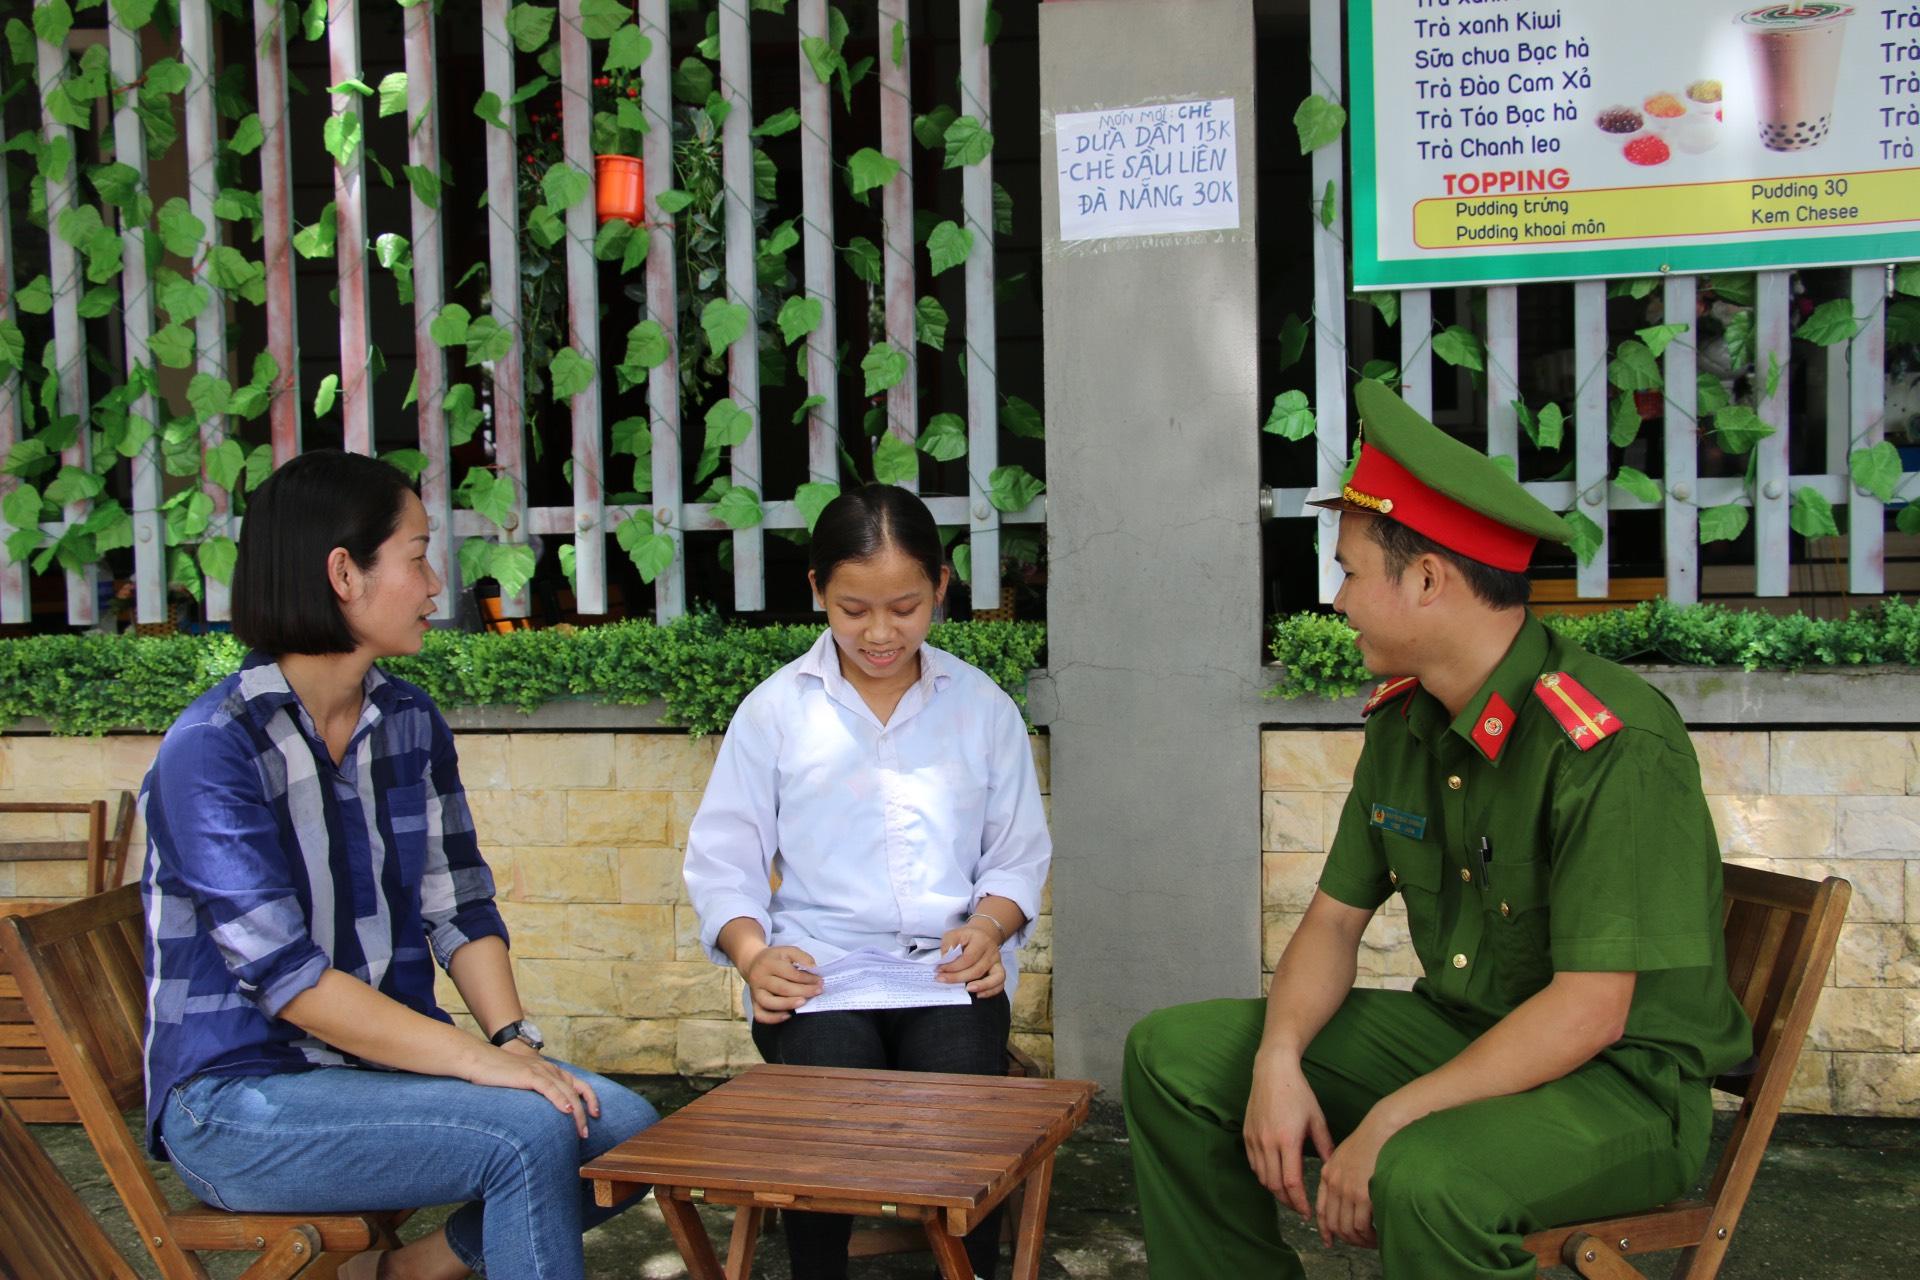 Một thí sinh Bắc Giang ngủ quên được chiến sĩ công an và đại diện điểm thi đến tận nhà đón đi thi